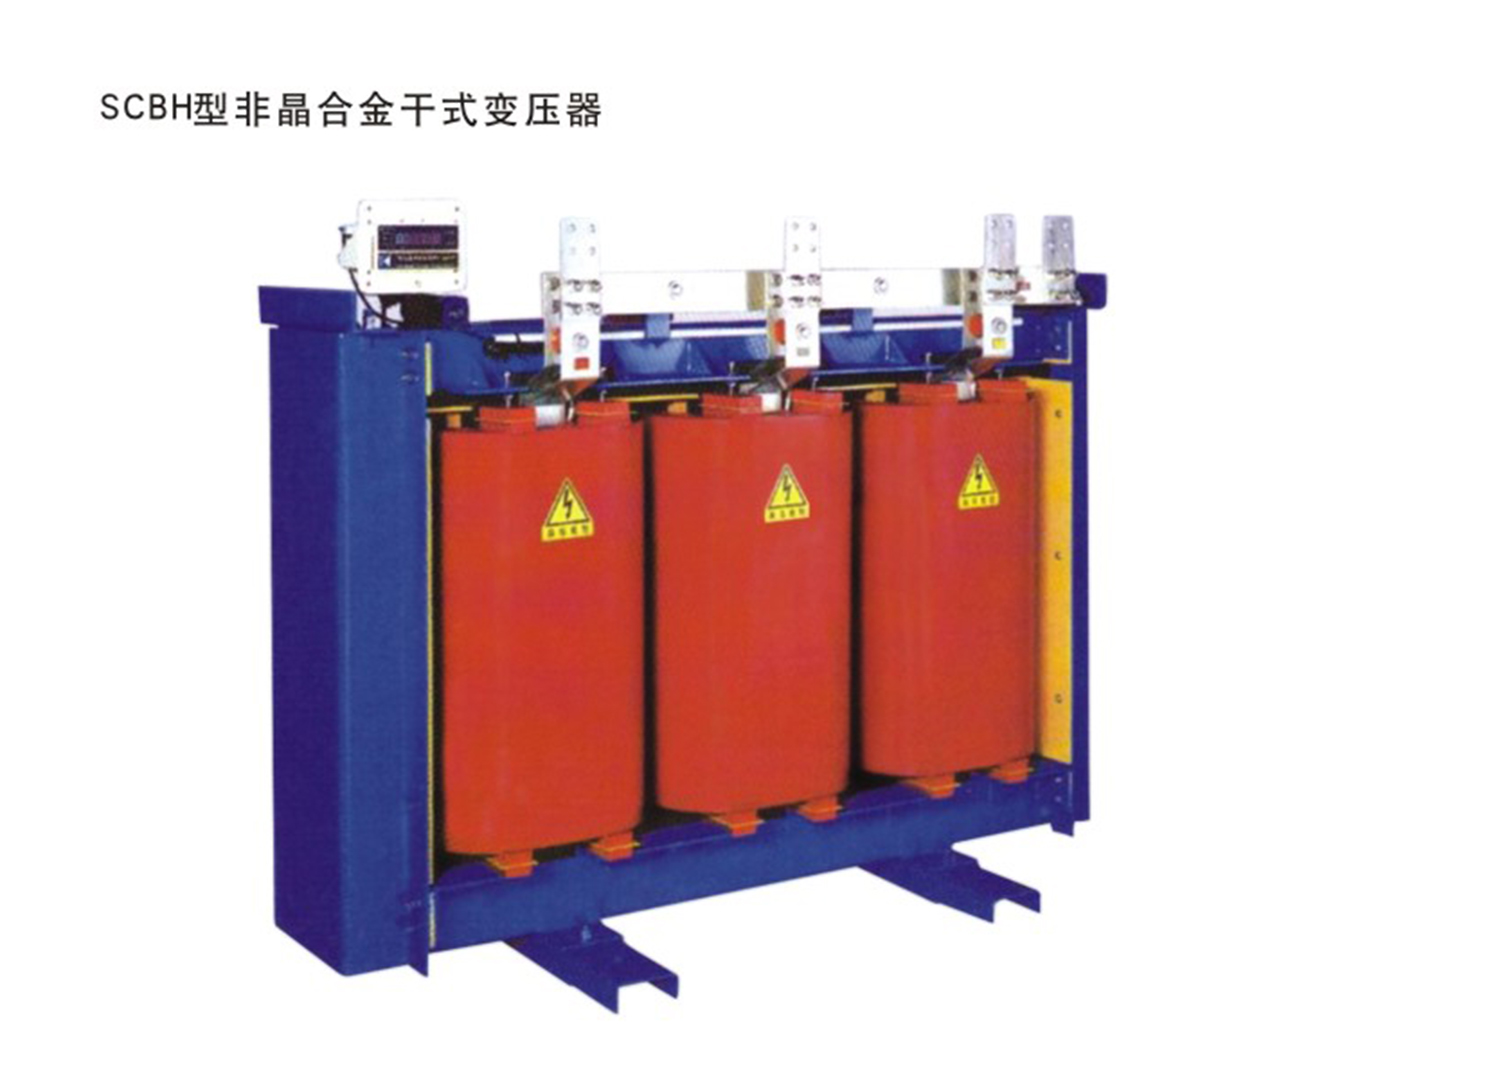 非晶合金干式变压器厂家